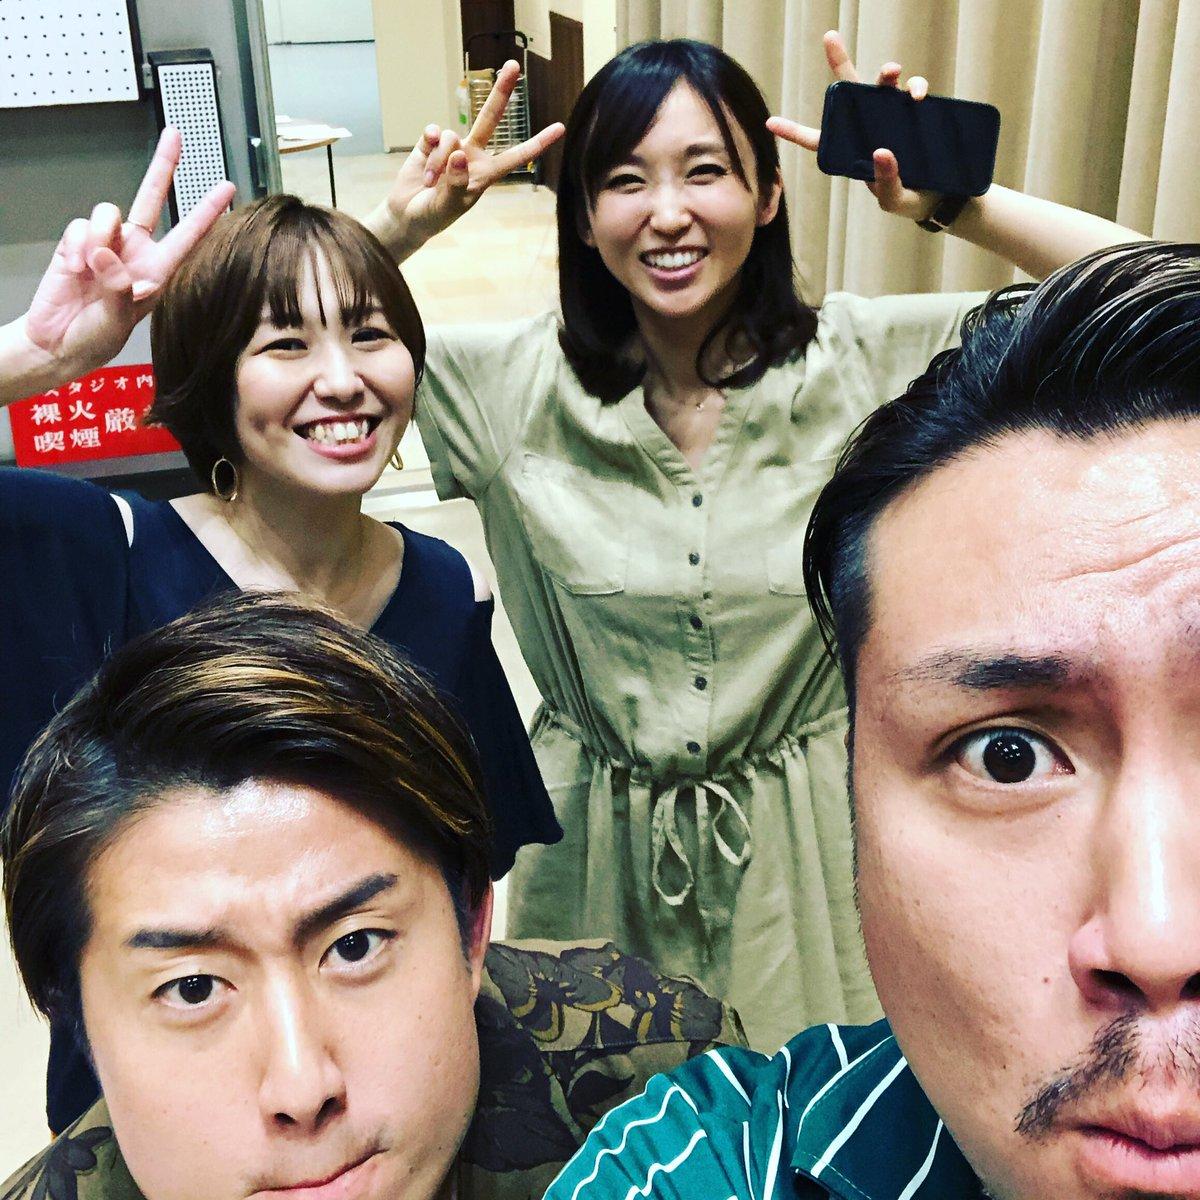 あべや楽器店 hashtag on Twitter